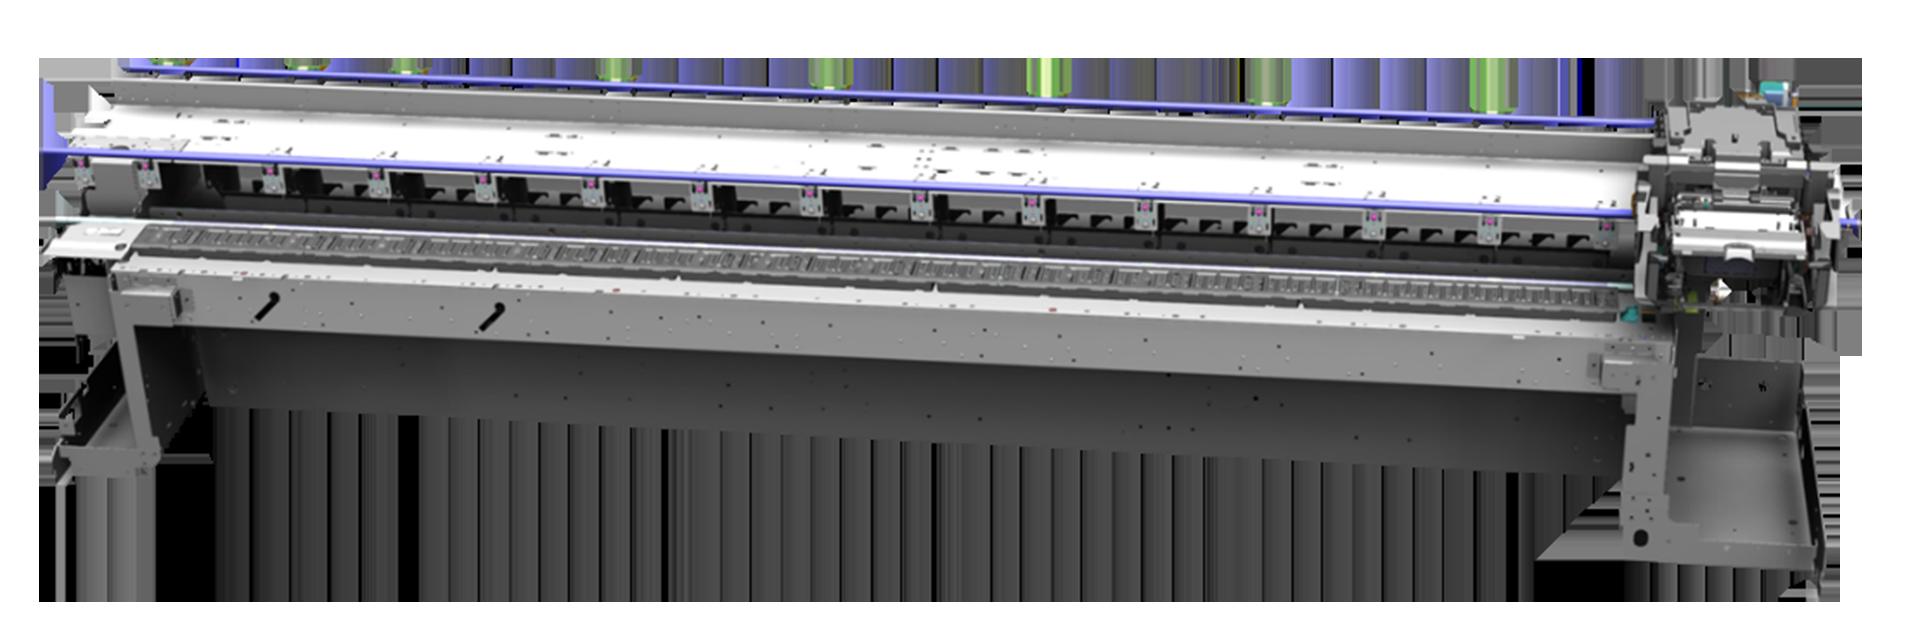 Тонкая красная линия: обзор широкоформатного принтера Canon imagePROGRAF PRO-2000 - 4